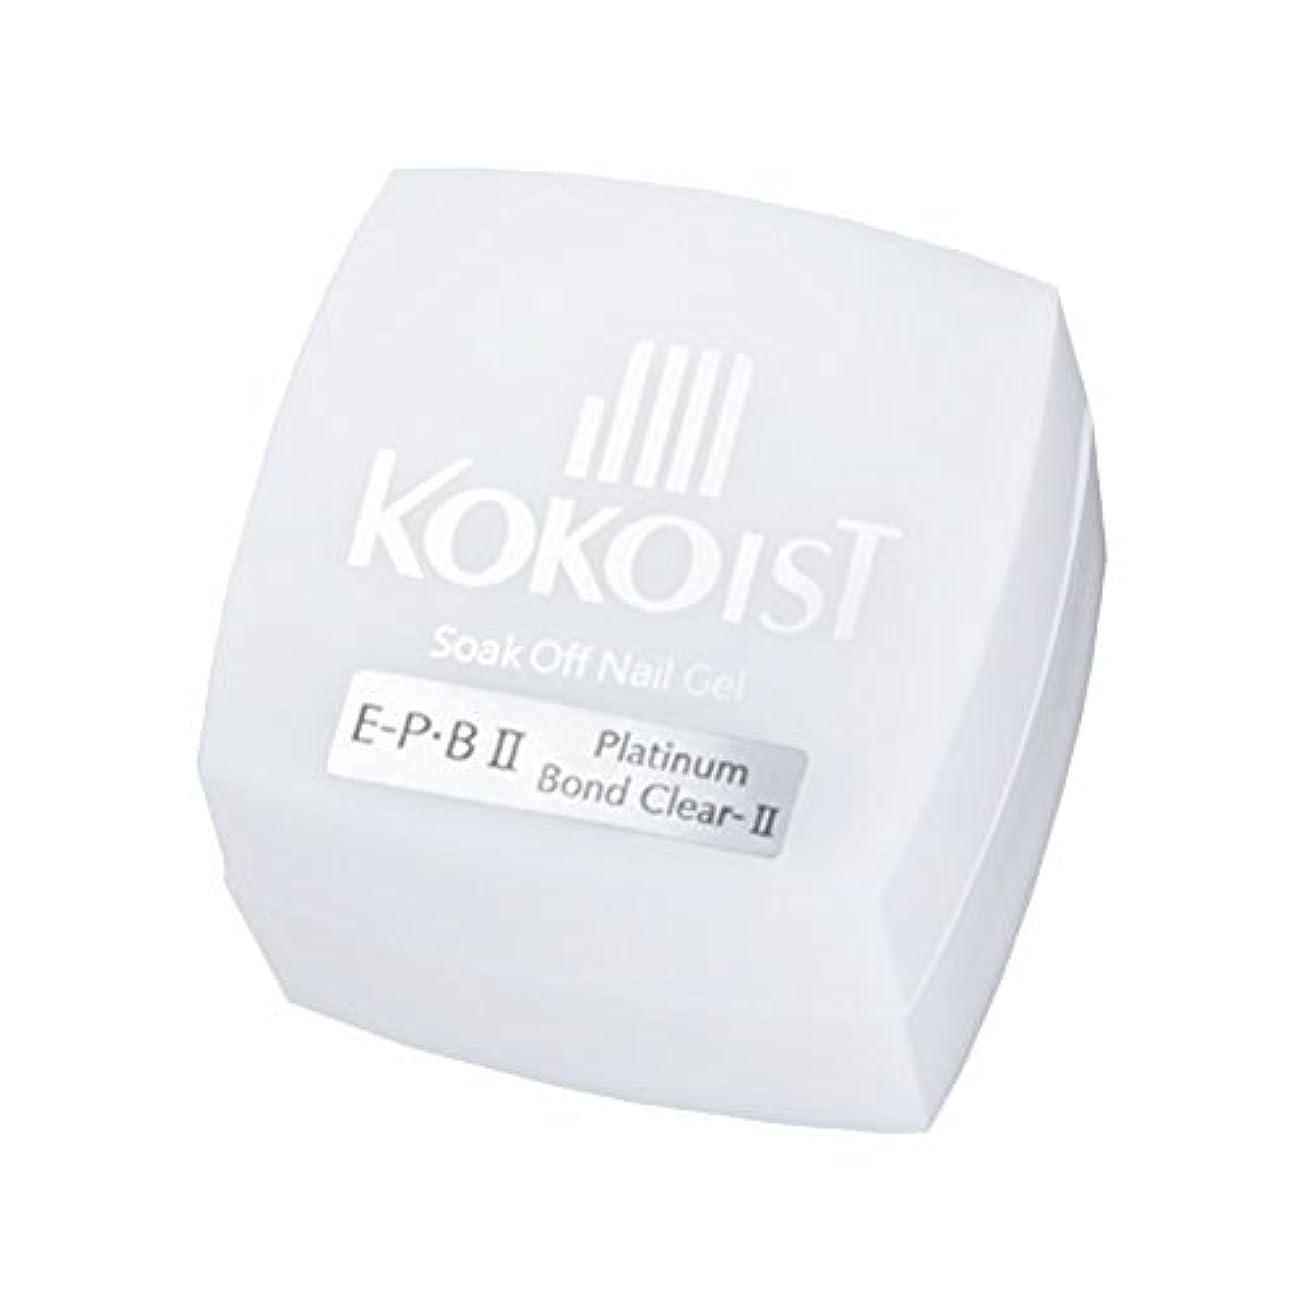 減少ブリリアント人気のKOKOIST フ゜ラチナホ゛ント゛II 4g ジェル UV/LED対応